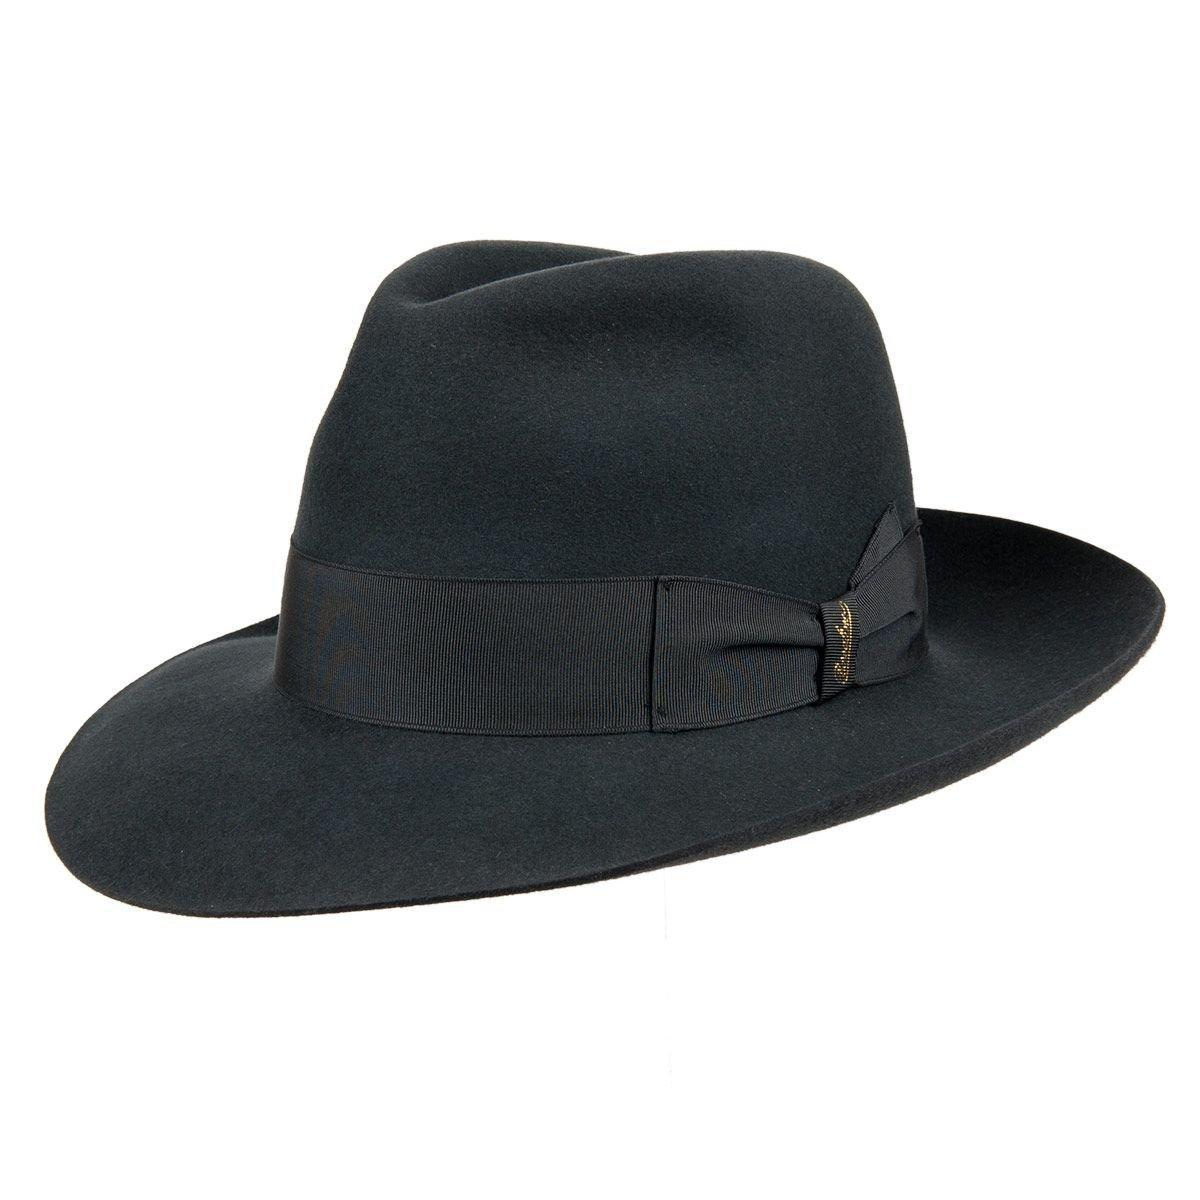 cappello classico Fedora Borsalino a tesa larga in feltro di lapin 6d4f266e309e